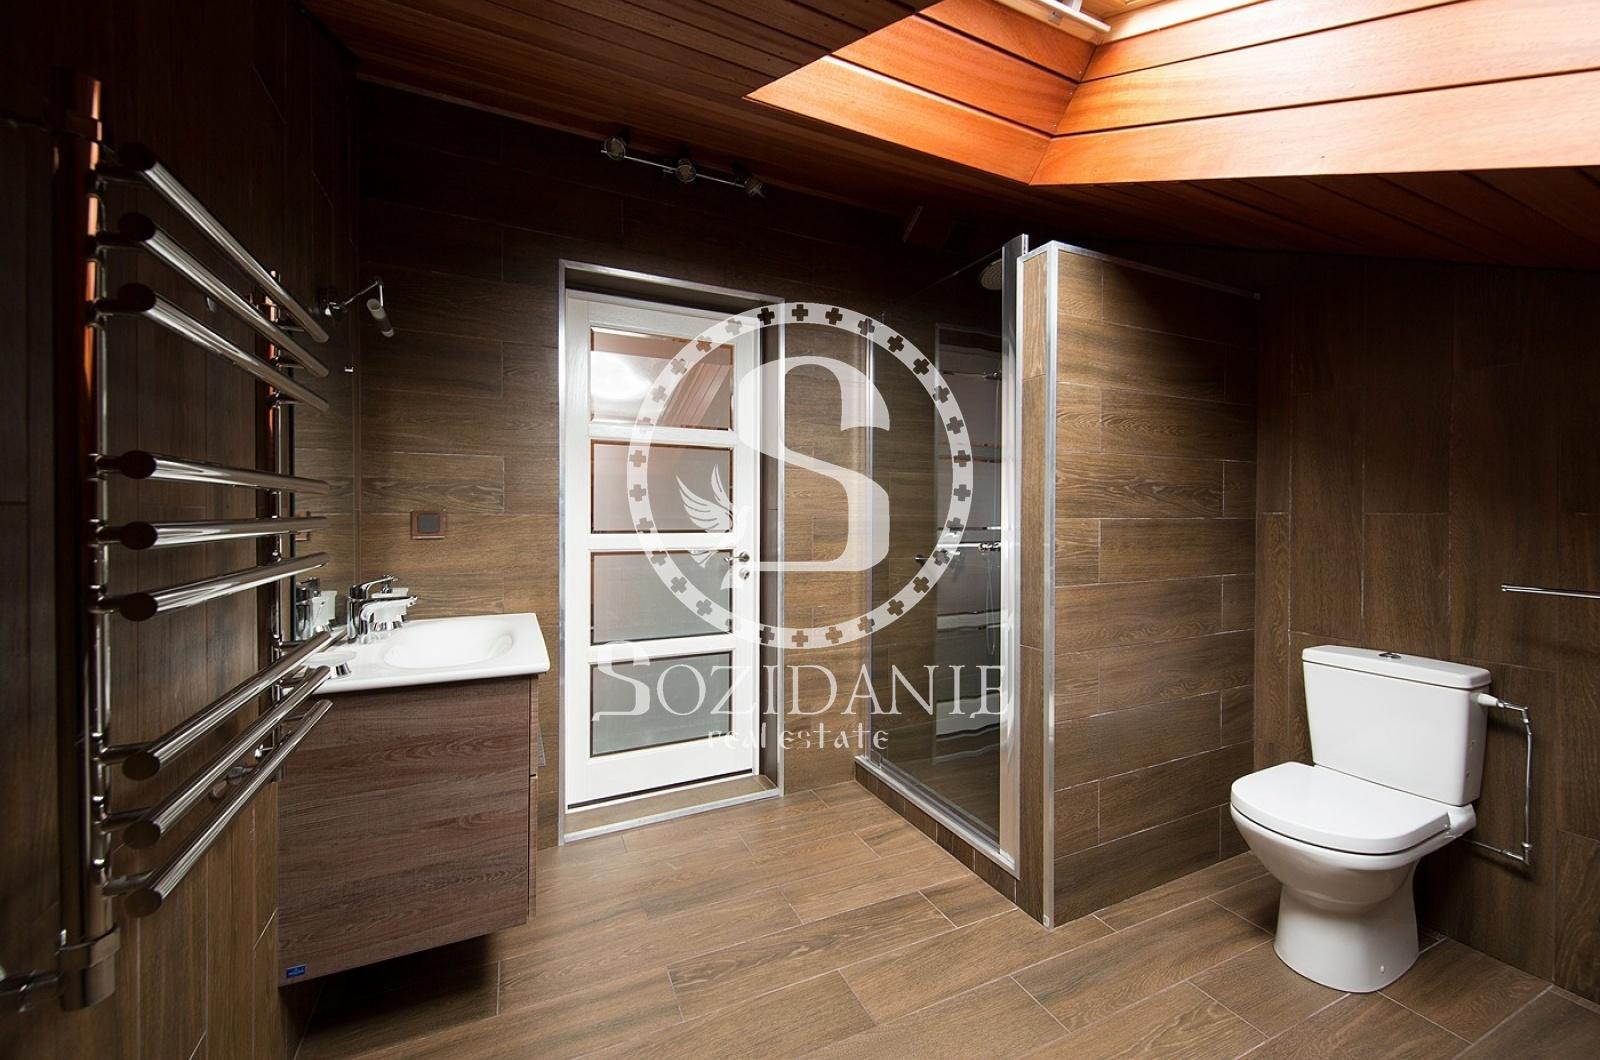 4 Bedrooms, Загородная, Аренда, Listing ID 4026, Московская область, Россия,